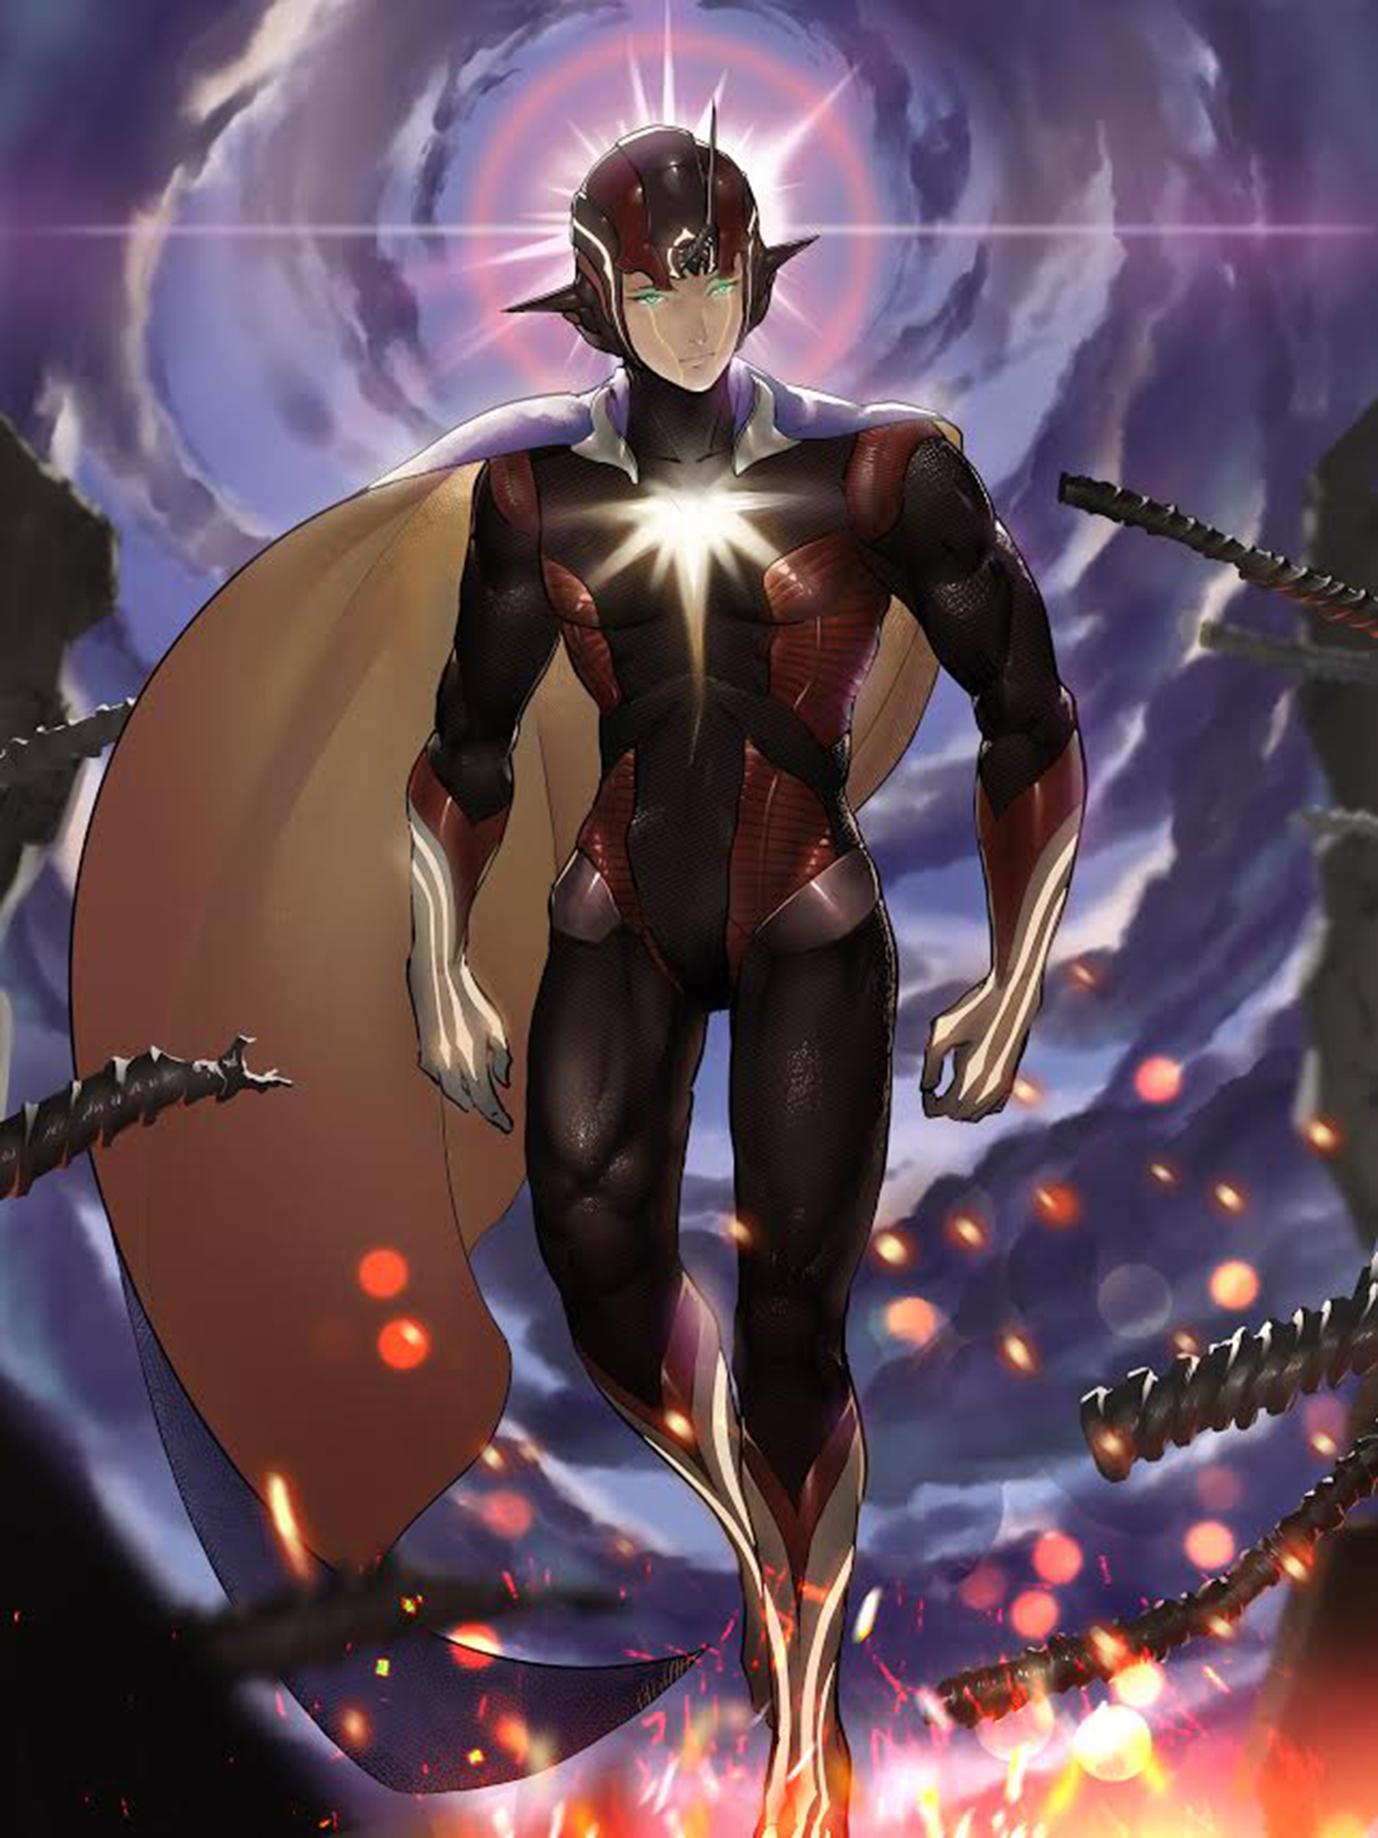 エプシロン:キャラクターリメイク AGM